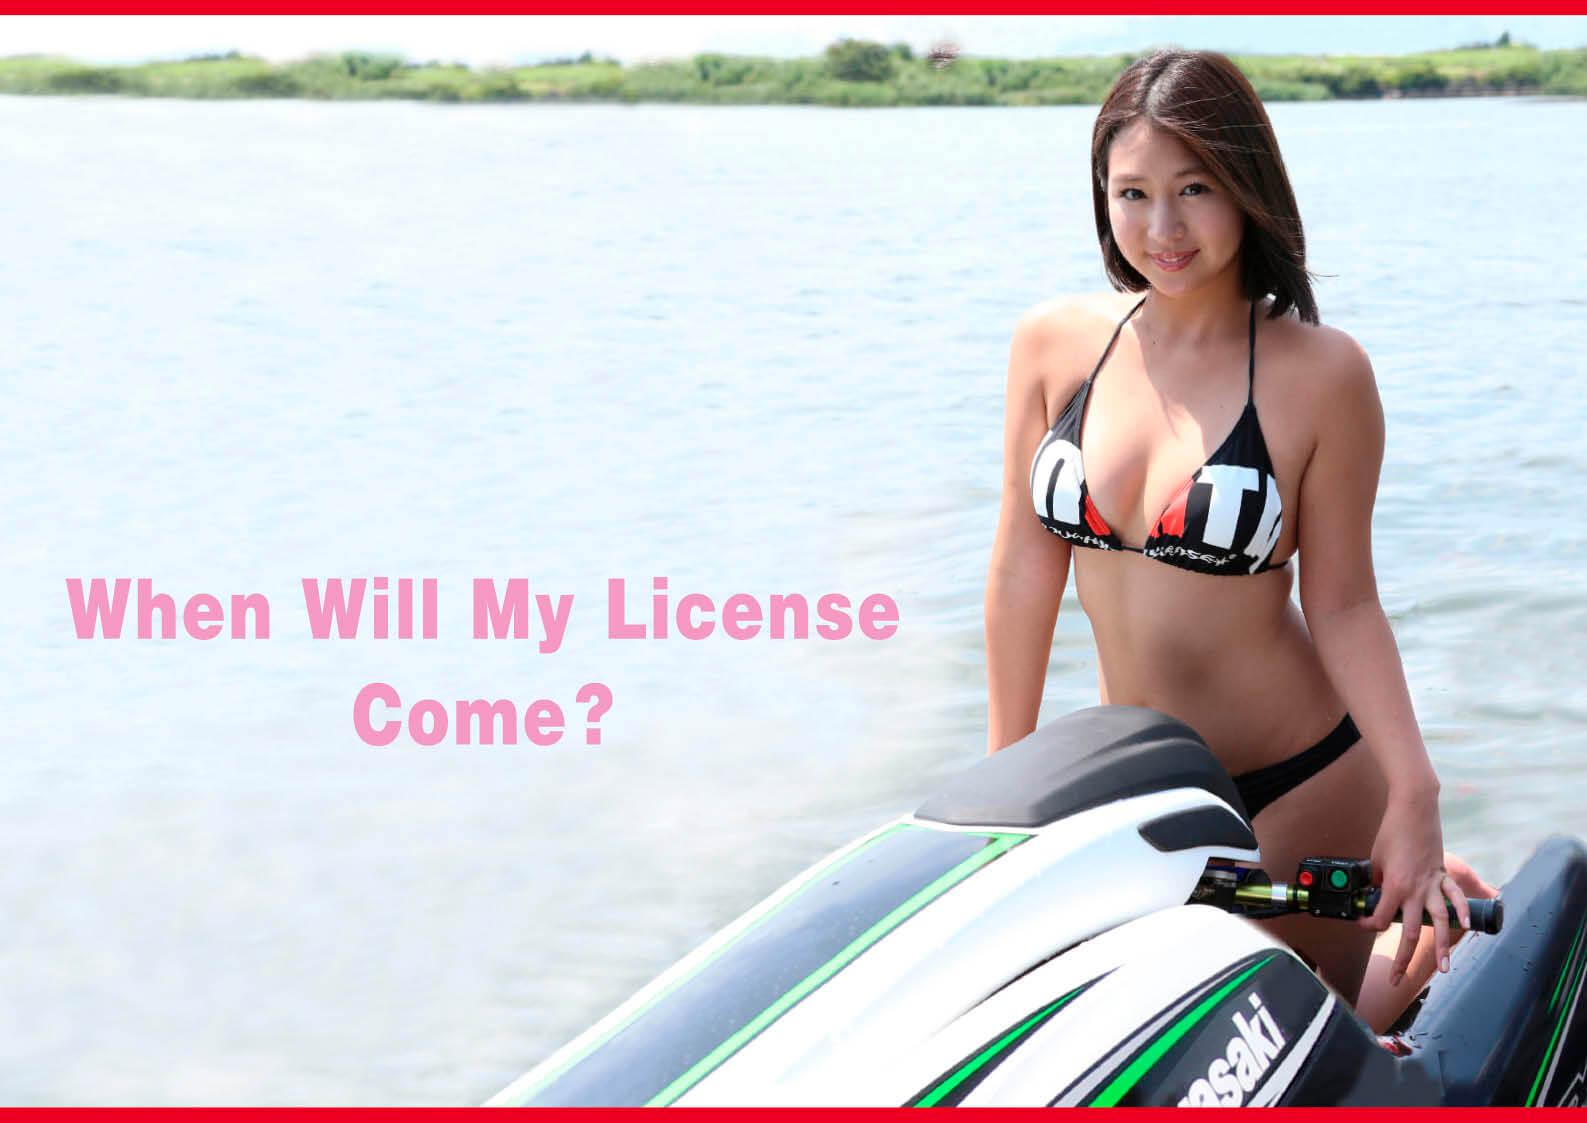 ジェットスキーに乗るには免許が必要。免許を取得するのに、どのくらいの期間がいるの?(水上バイク)